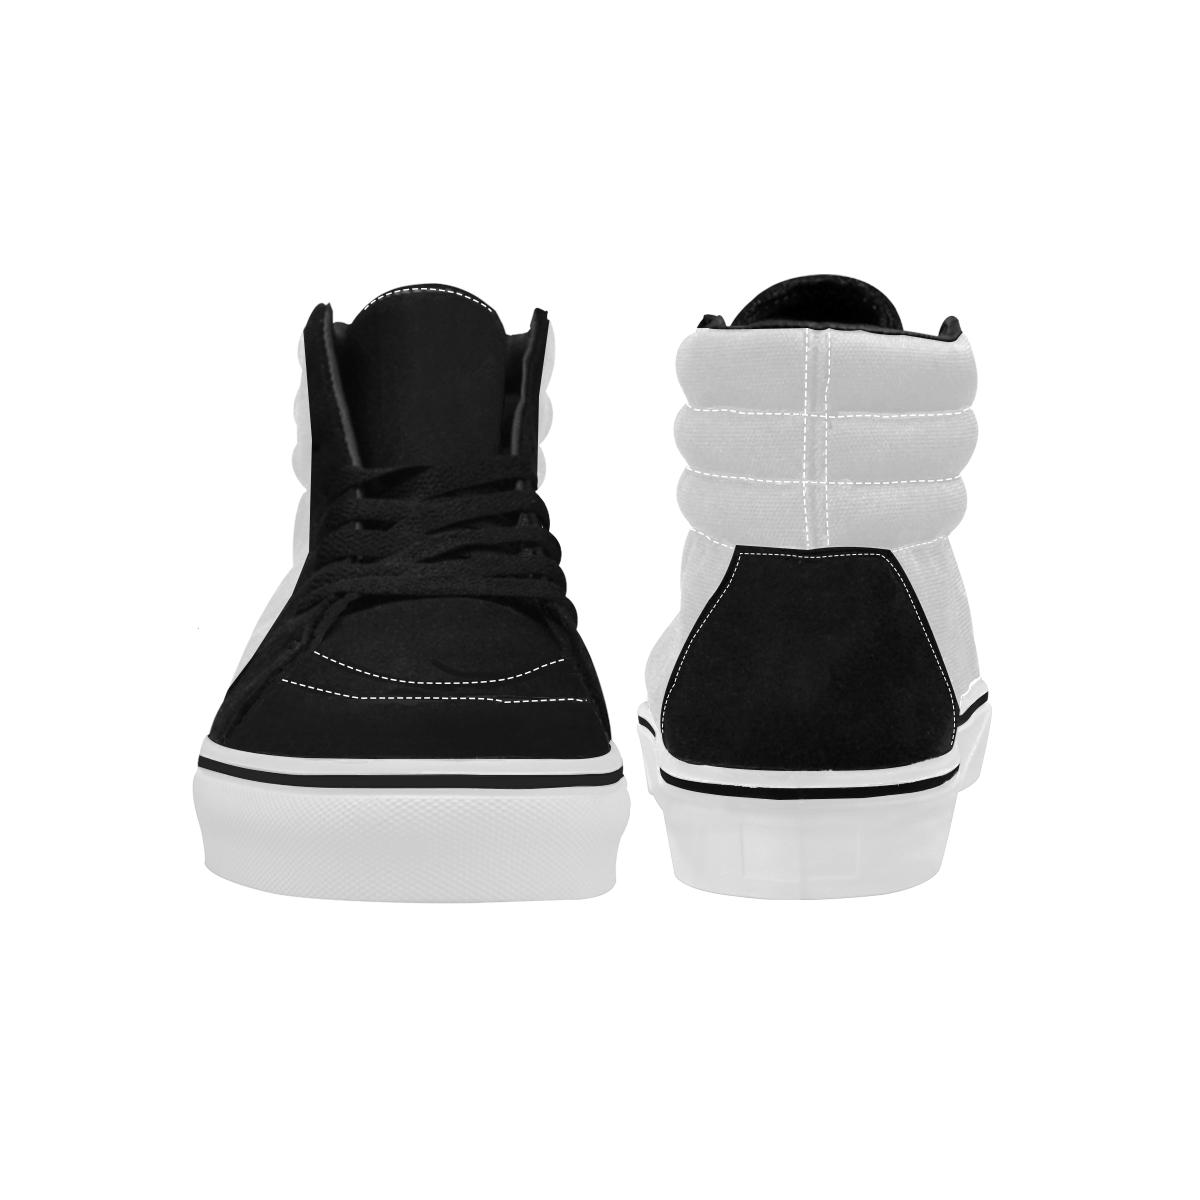 Men's High Top Skateboarding Shoes (Model E001-1)